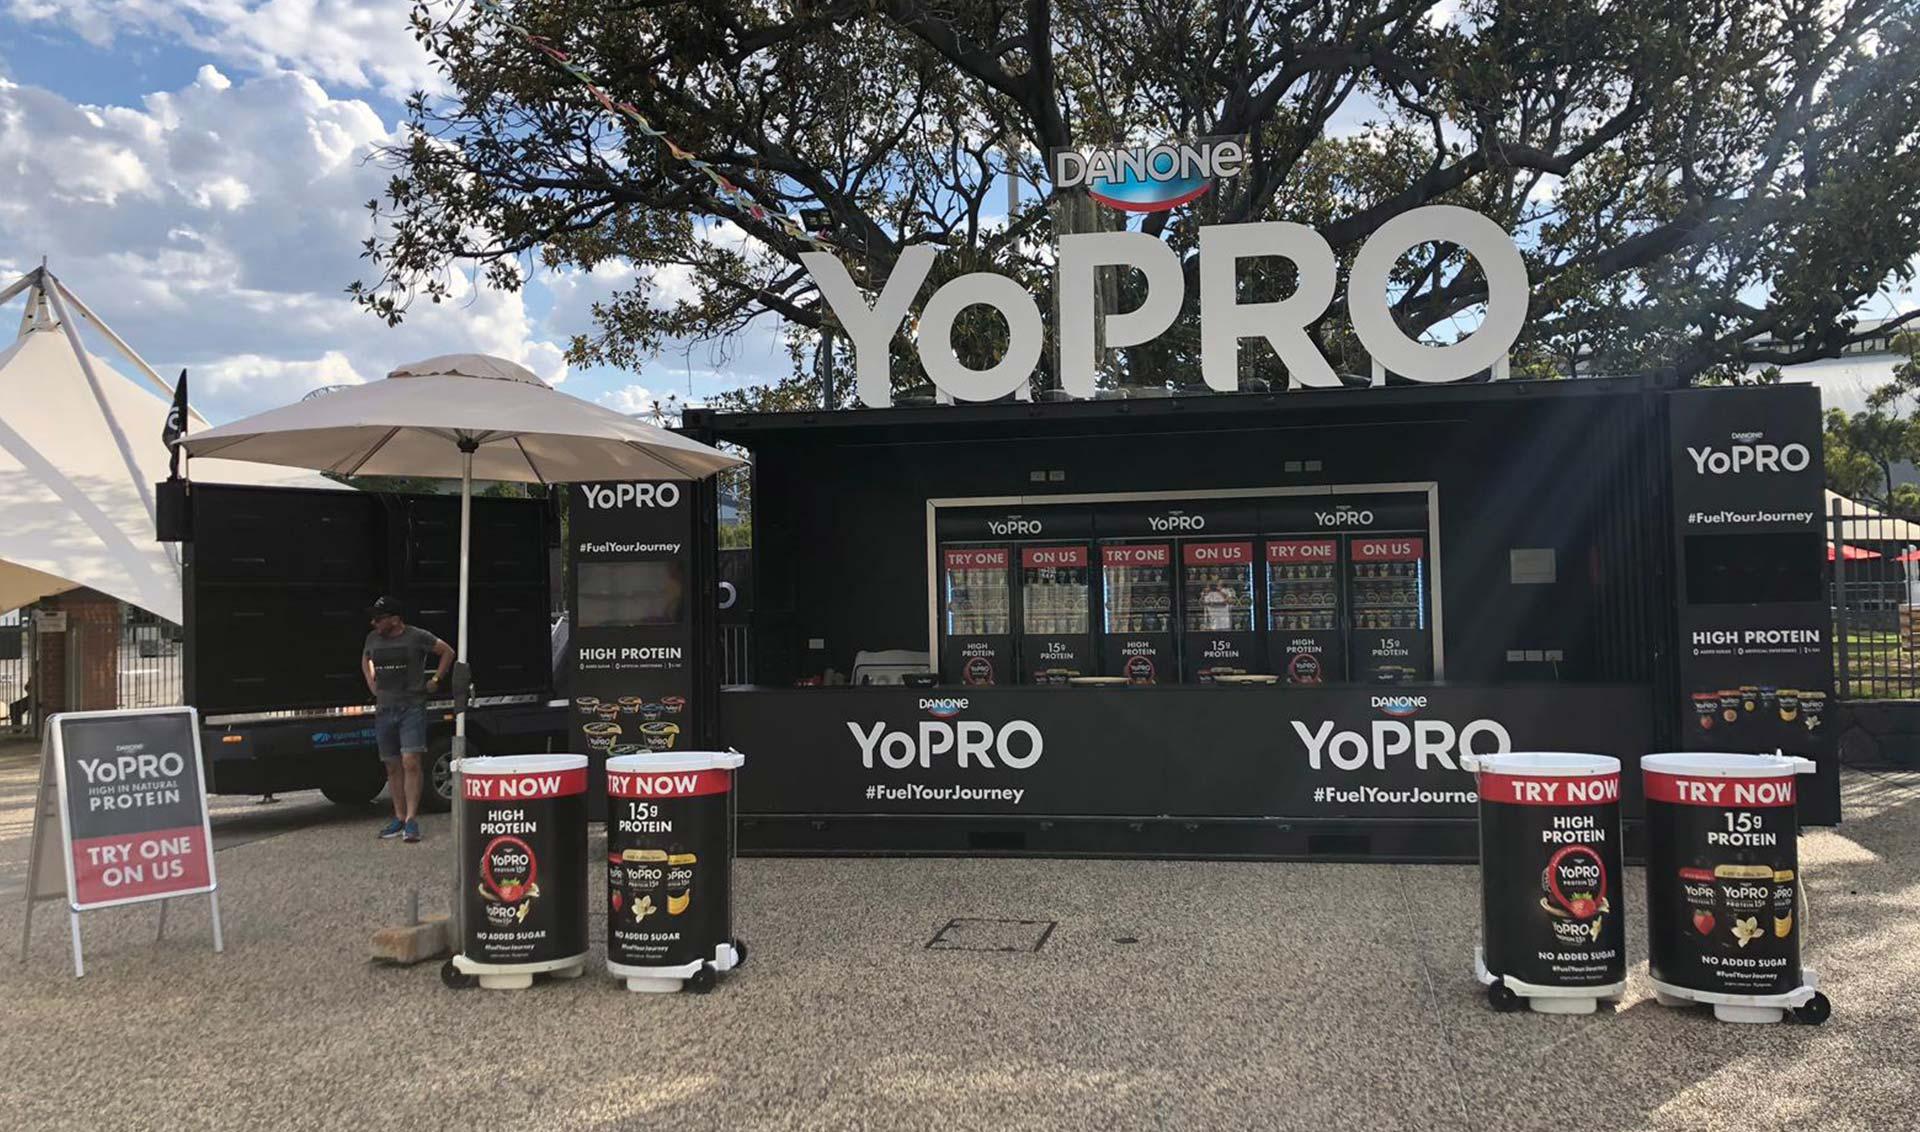 YoPRO-main-container-3.jpg